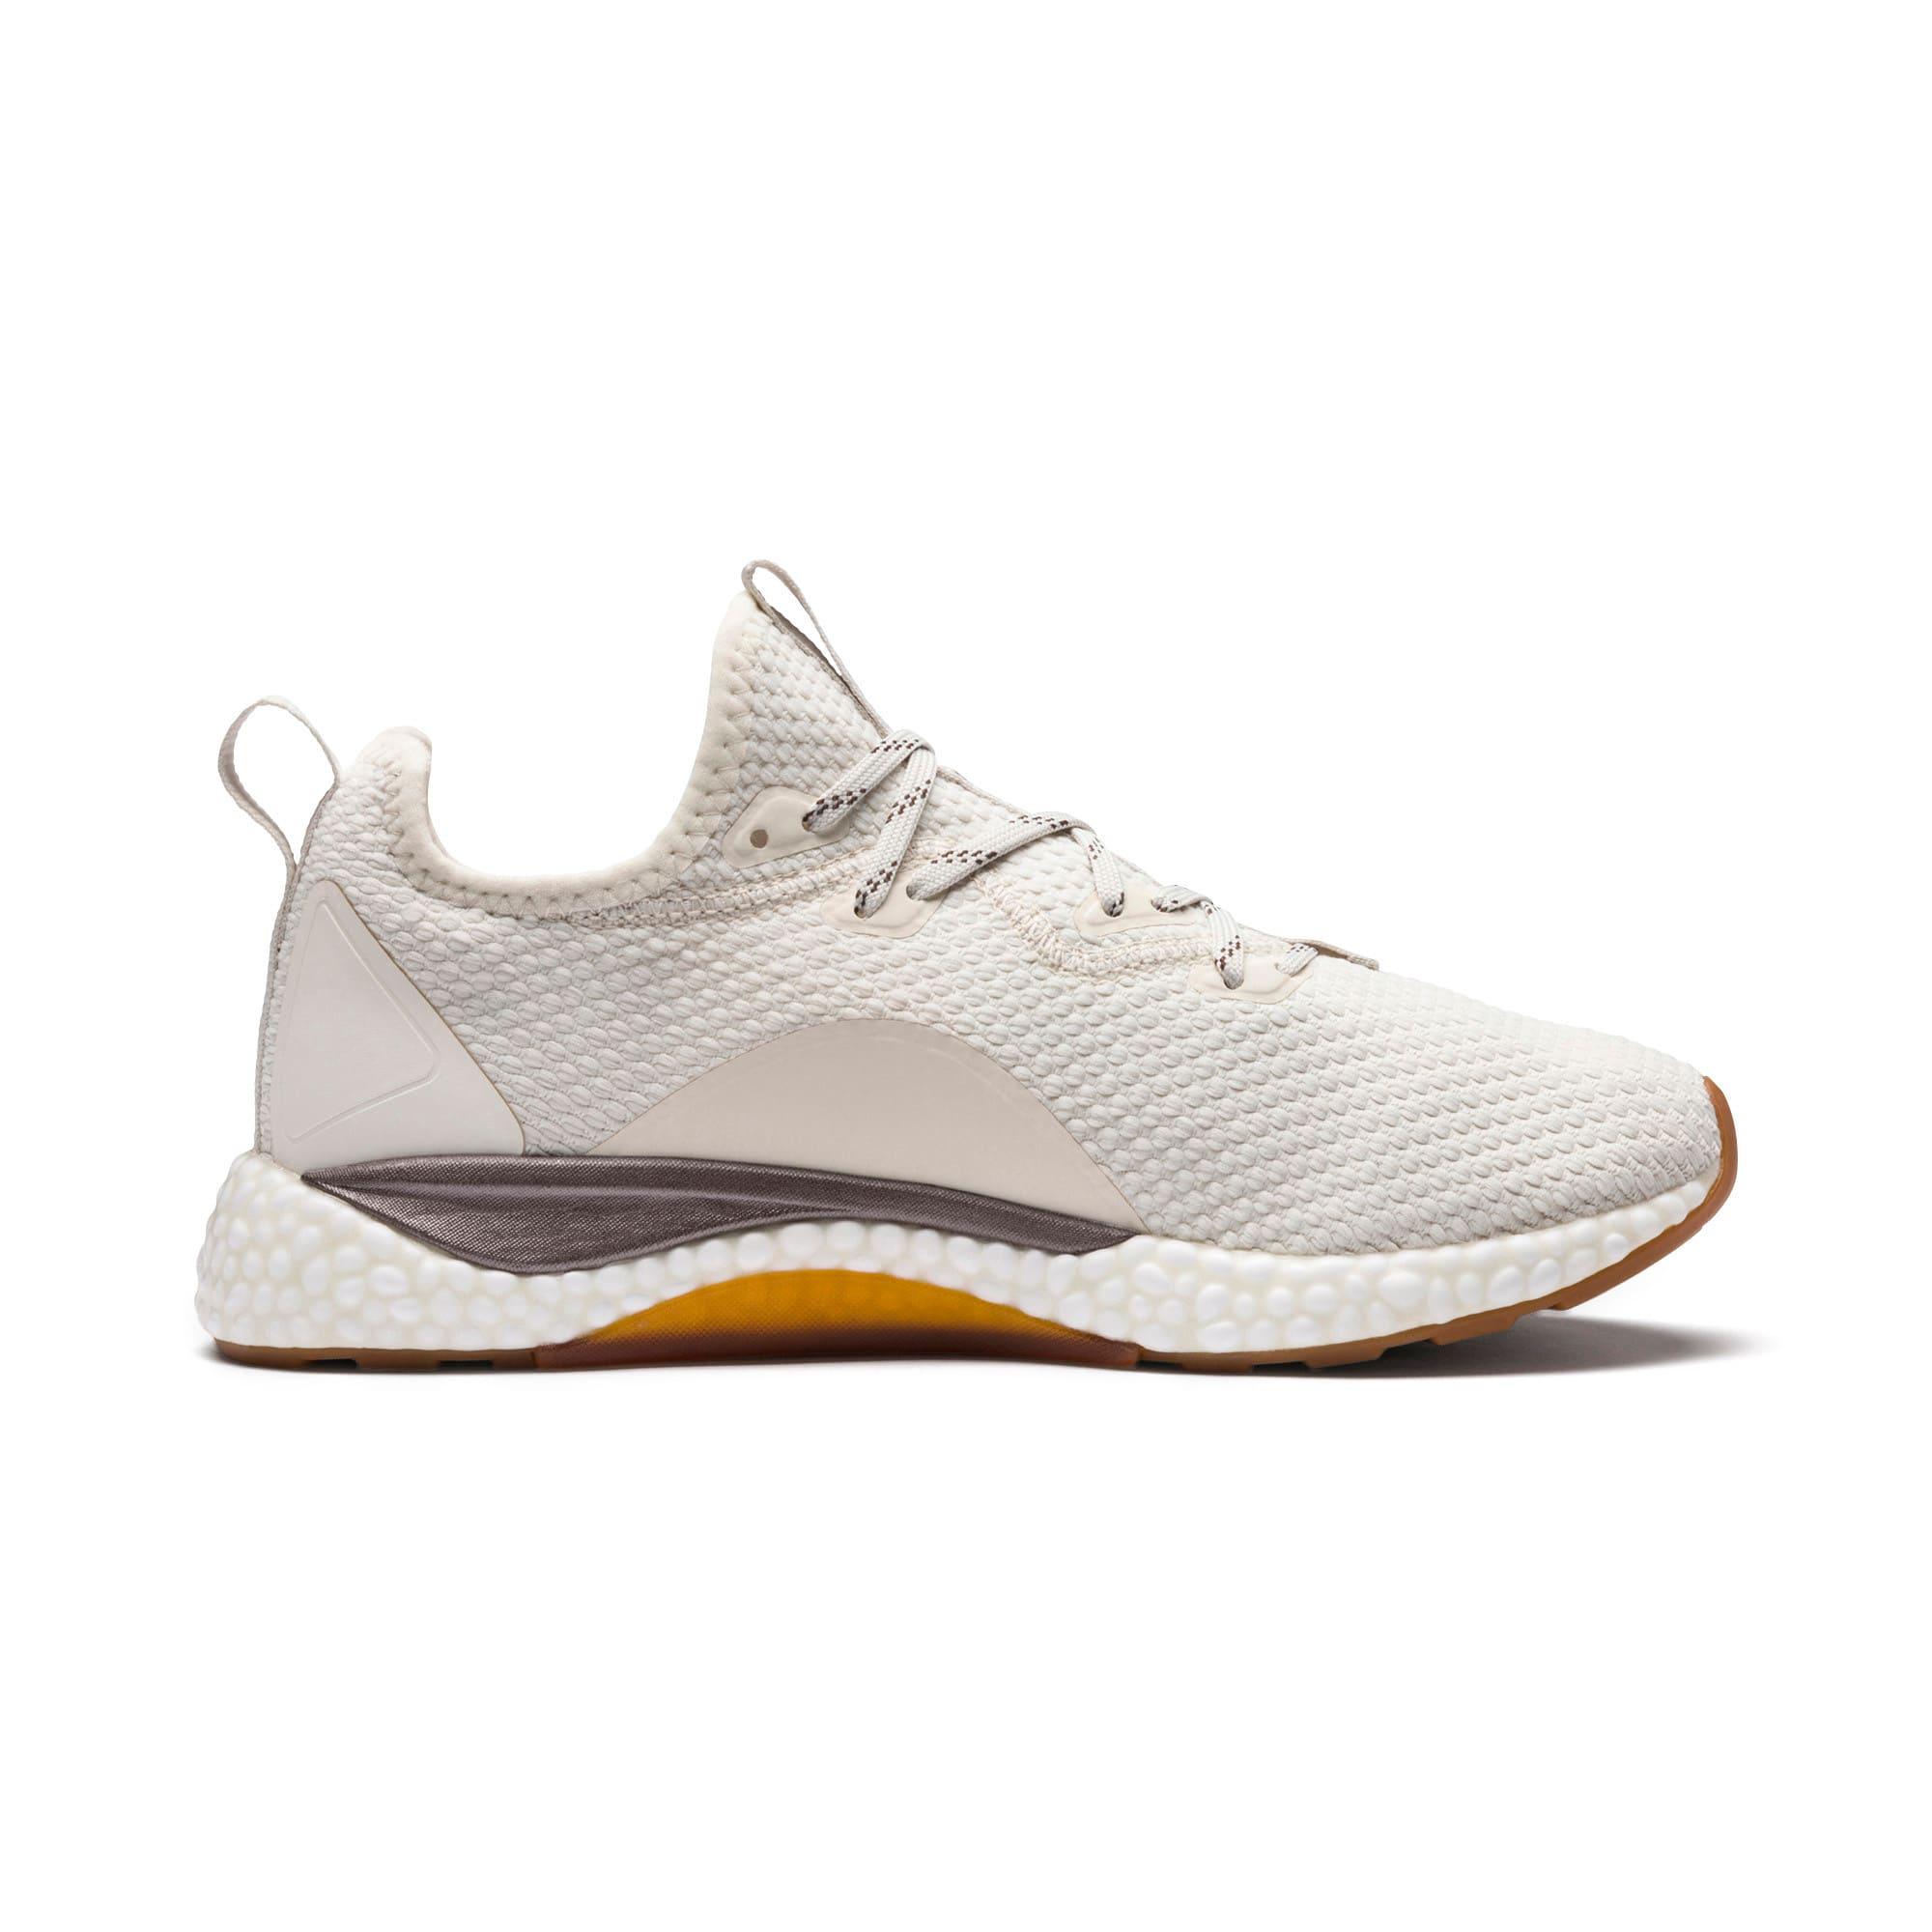 Thumbnail 5 of HYBRID Runner Luxe Women's Running Shoes, Whisper White-Puma White, medium